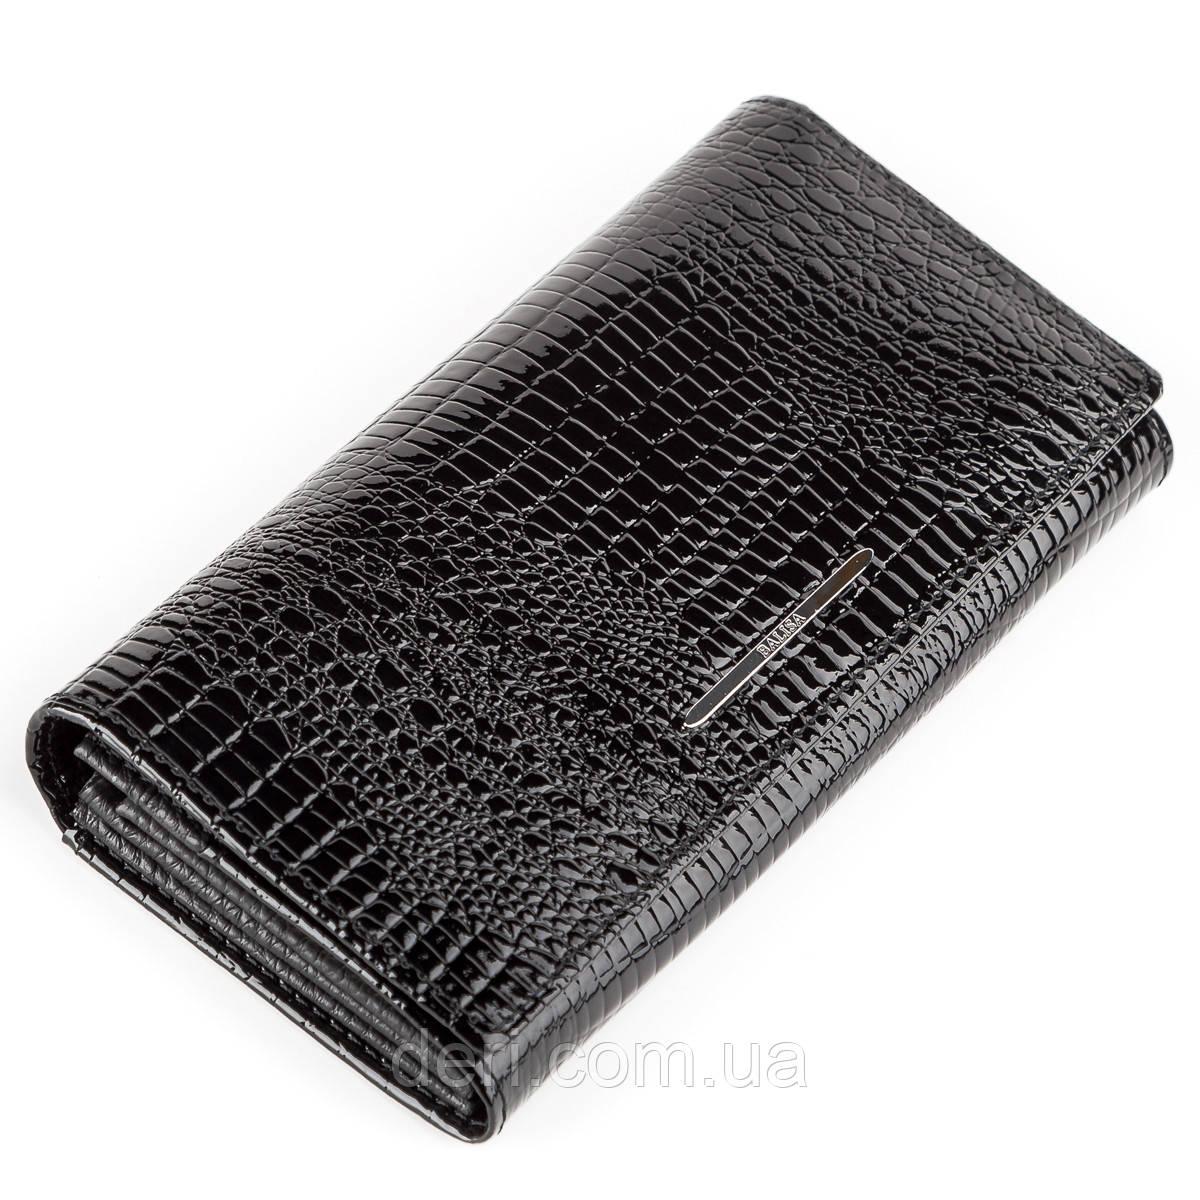 Гаманець жіночий BALISA 13851 шкіряний Чорний, Чорний